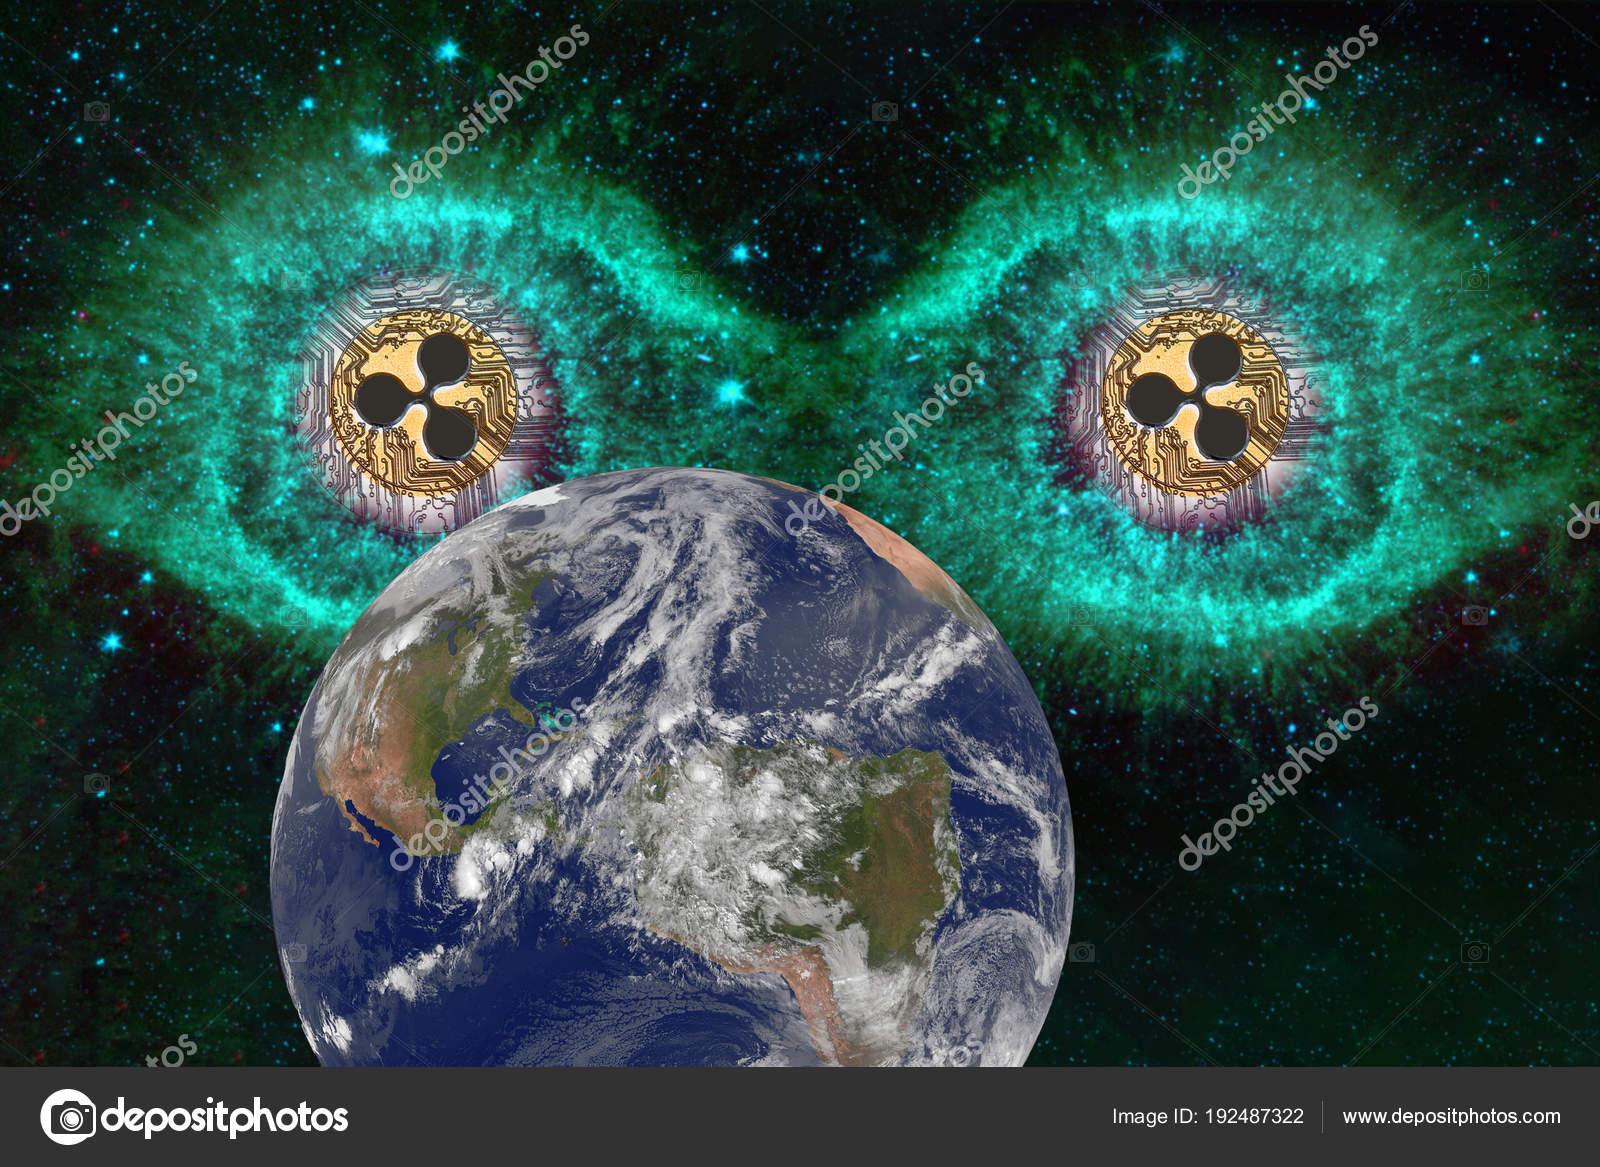 Große Augen Die Münzen Der Ripple Im Raum Stockfoto Shahurin